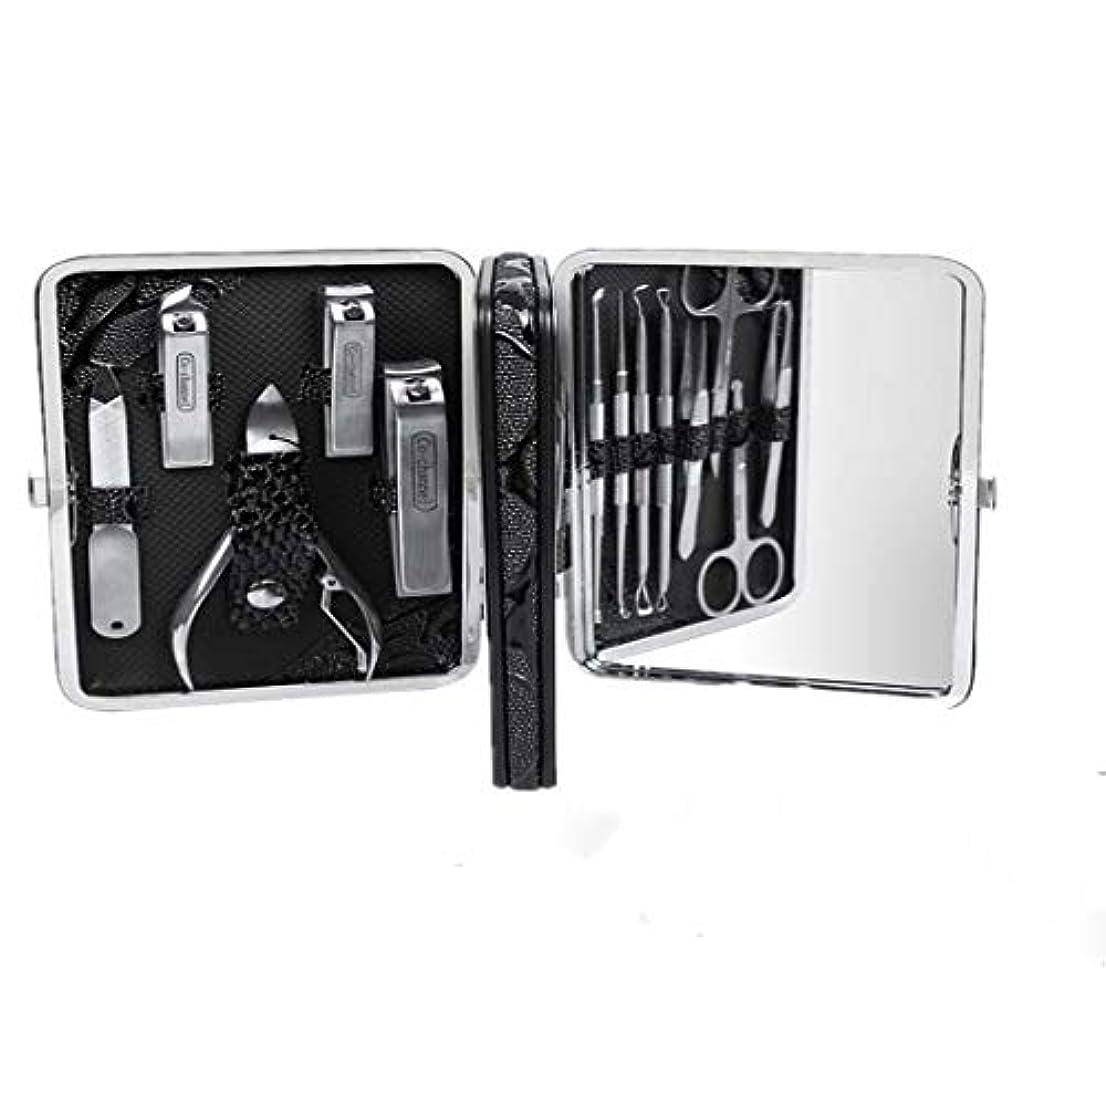 空白擬人コンクリートKainuoo ネイルツールイーグルマウスペンチペディキュアツール、ネイルギフトミラーステンレススチールネイルツールセット、ネイルセット21個、1袋 (Color : Bright black)